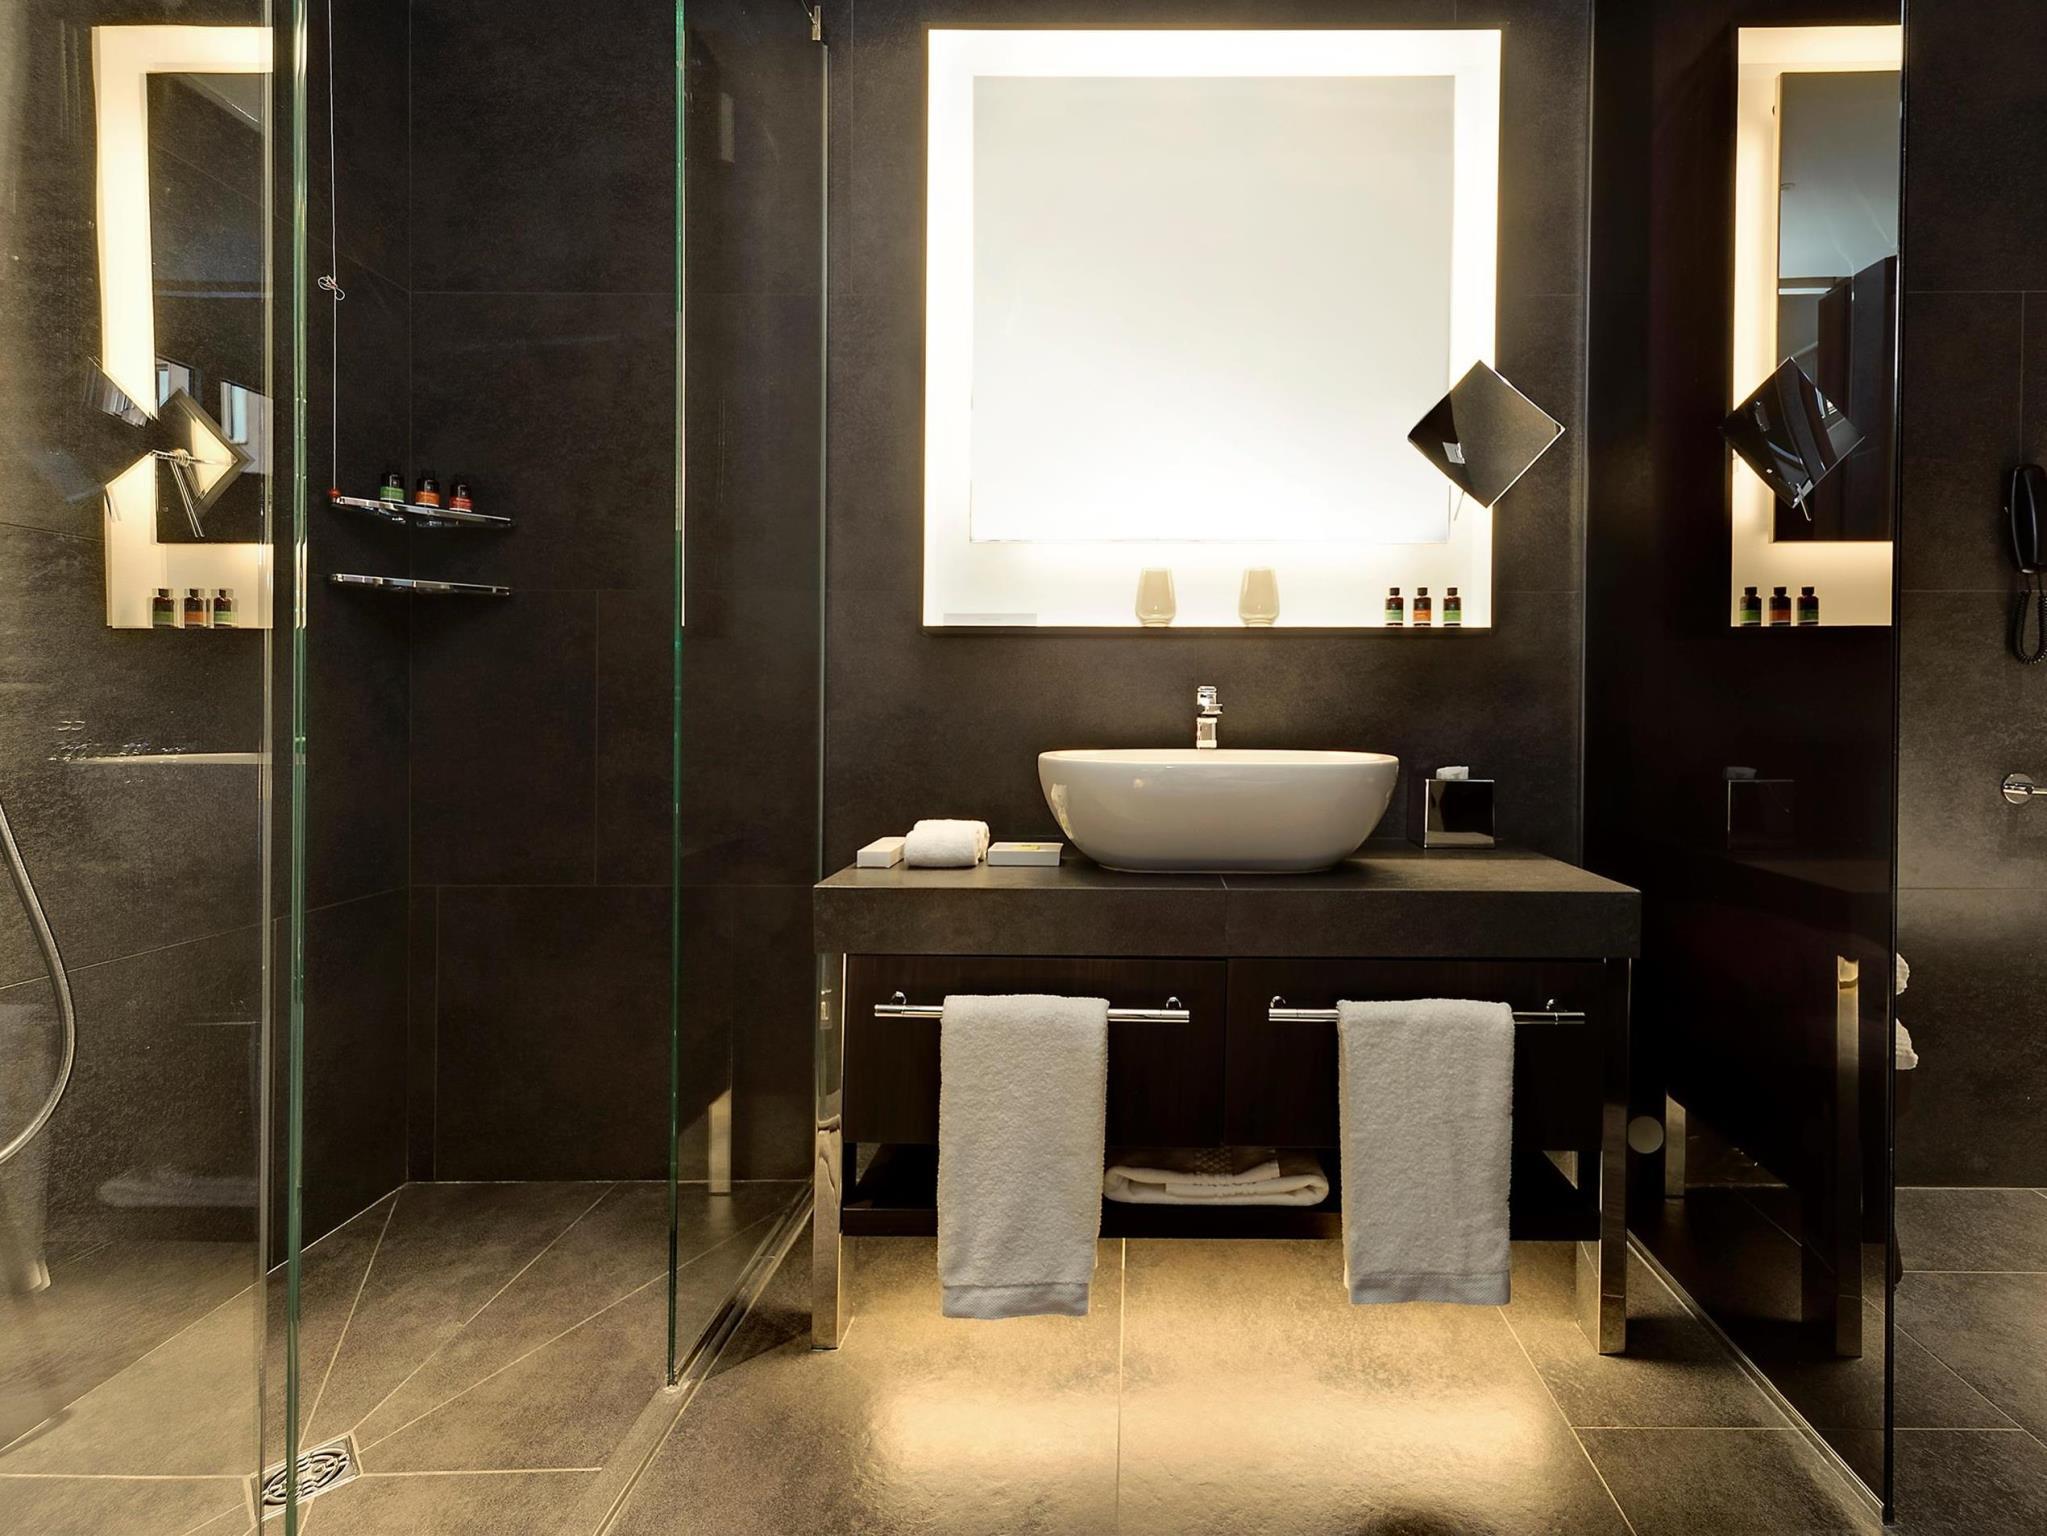 ME Milan Il Duca Hotel – Milan 5